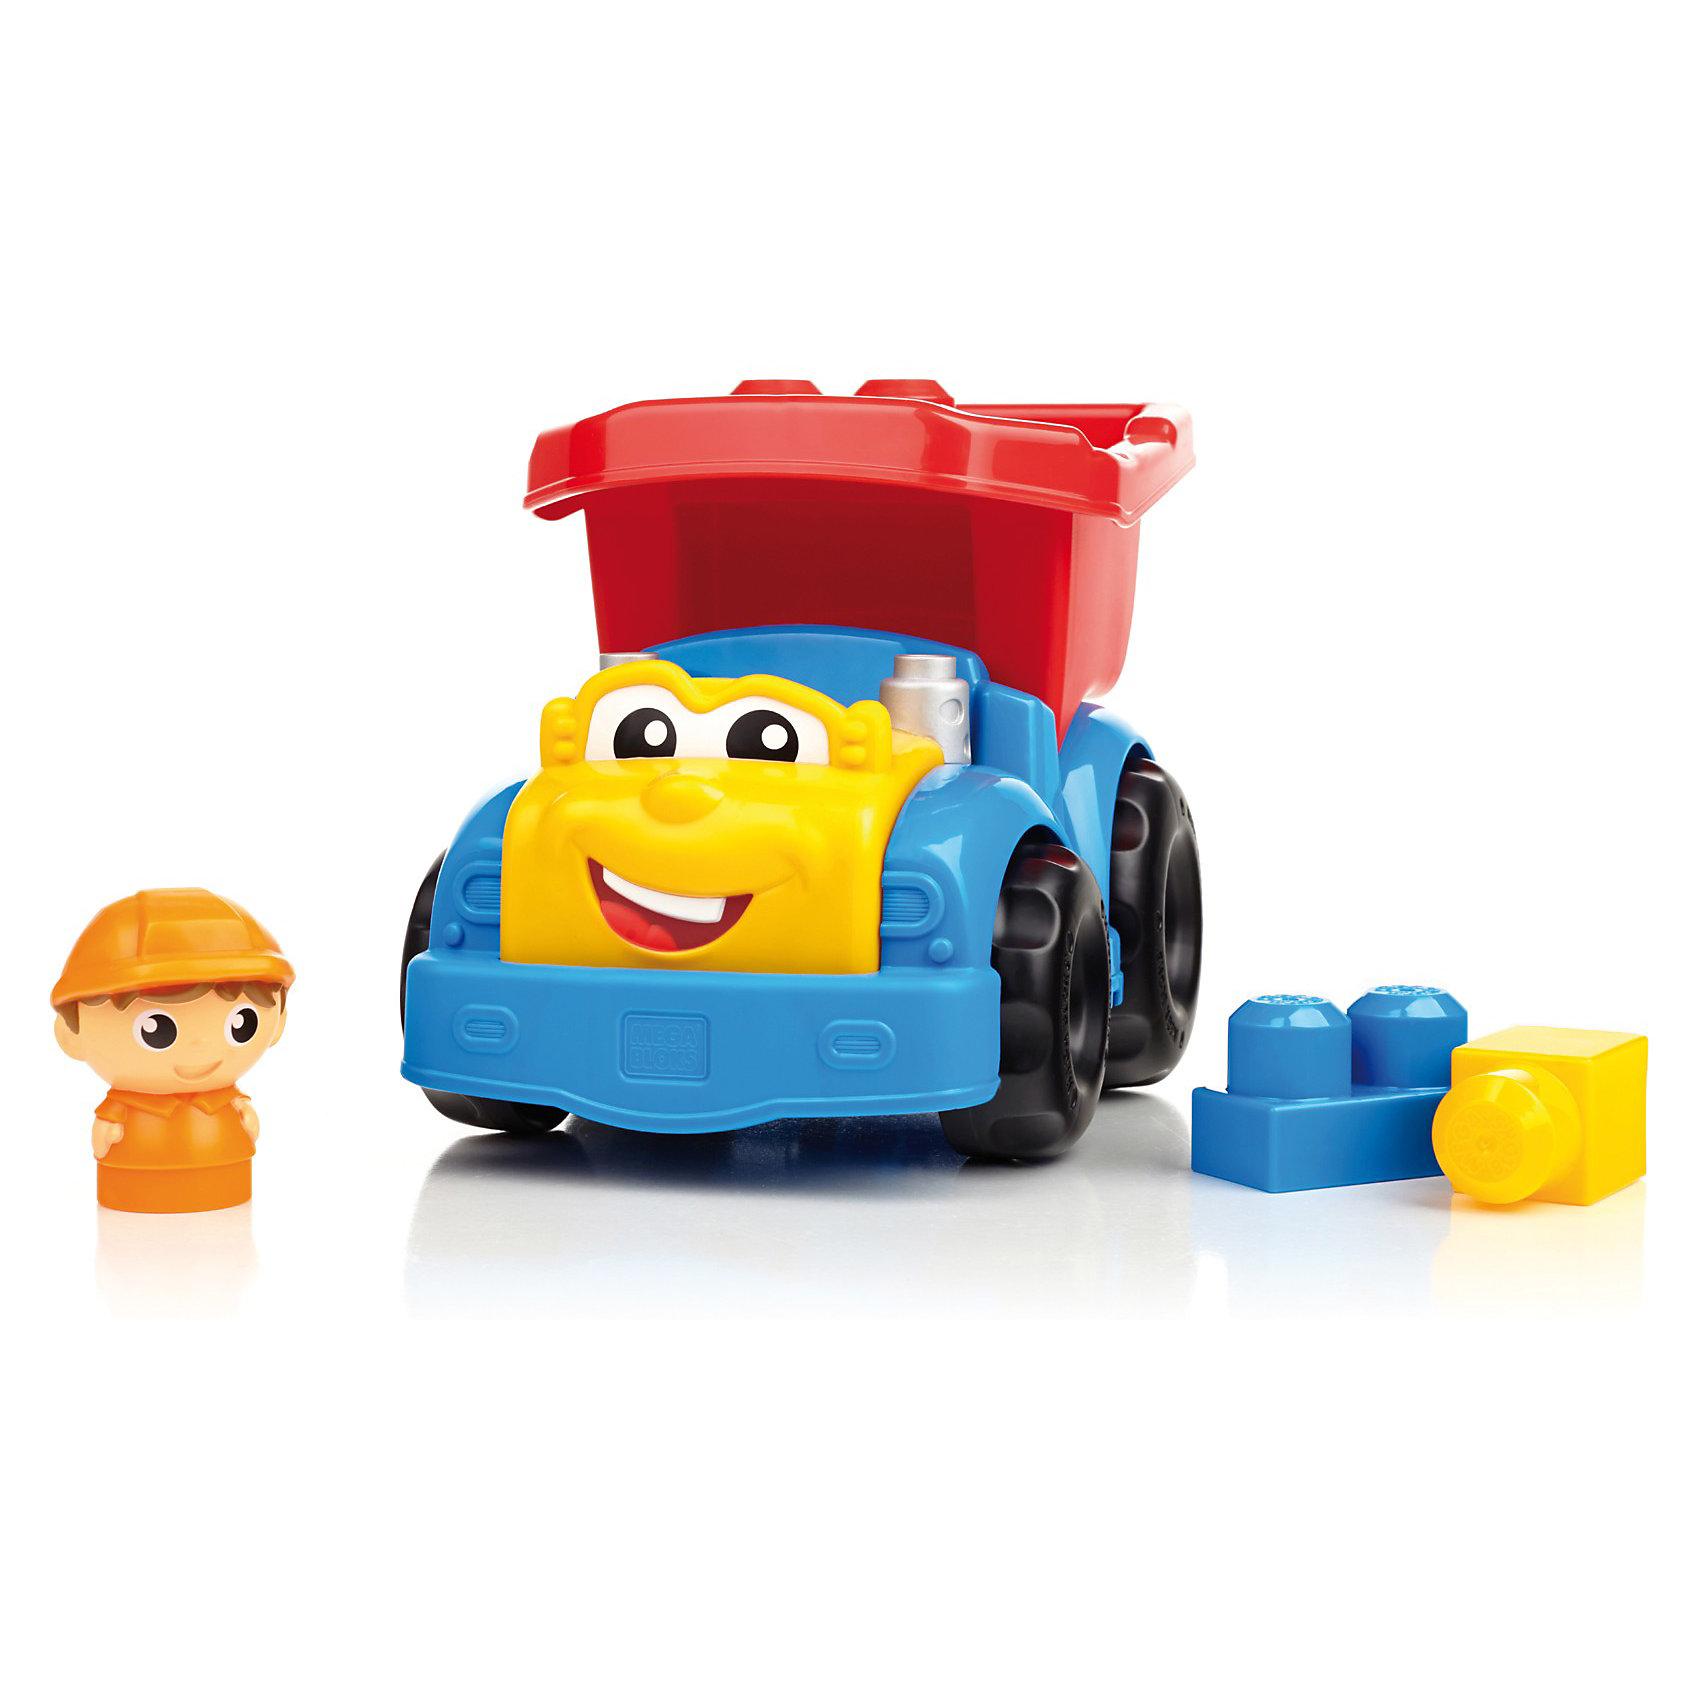 Маленькая машинка First Builders MEGA BLOKSСамосвал Дилан, Mega Bloks First Builders, приятно порадует Вашего малыша. Машинка выполнена в ярких красочных цветах, у Дилана забавное личико с веселой улыбкой и большие глаза. Кузов грузовика откидывается, его можно загрузить шестью входящими в комплект блоками или же отправить Дилана на поиски другого полезного груза. Управляет грузовиком веселый водитель, который будет рад любой работе. Грузовик и детали имеют крупный размер и форму, удобную для детских ручек. Набор совместим с другими наборами серии First Builders.<br><br>Дополнительная информация:<br><br>- В комплекте: грузовик, 6 деталей, фигурка водителя.   <br>- Материал: пластик.<br>- Размер игрушки: 15,5 х 17 х 23 см.<br>- Размер упаковки: 23 x 16 x 17 см. <br>- Вес: 0,53 кг.<br><br>Самосвал Дилан, MEGA BLOKS First Builders, можно купить в нашем интернет-магазине.<br><br>Ширина мм: 272<br>Глубина мм: 164<br>Высота мм: 180<br>Вес г: 459<br>Возраст от месяцев: 12<br>Возраст до месяцев: 48<br>Пол: Унисекс<br>Возраст: Детский<br>SKU: 2910775